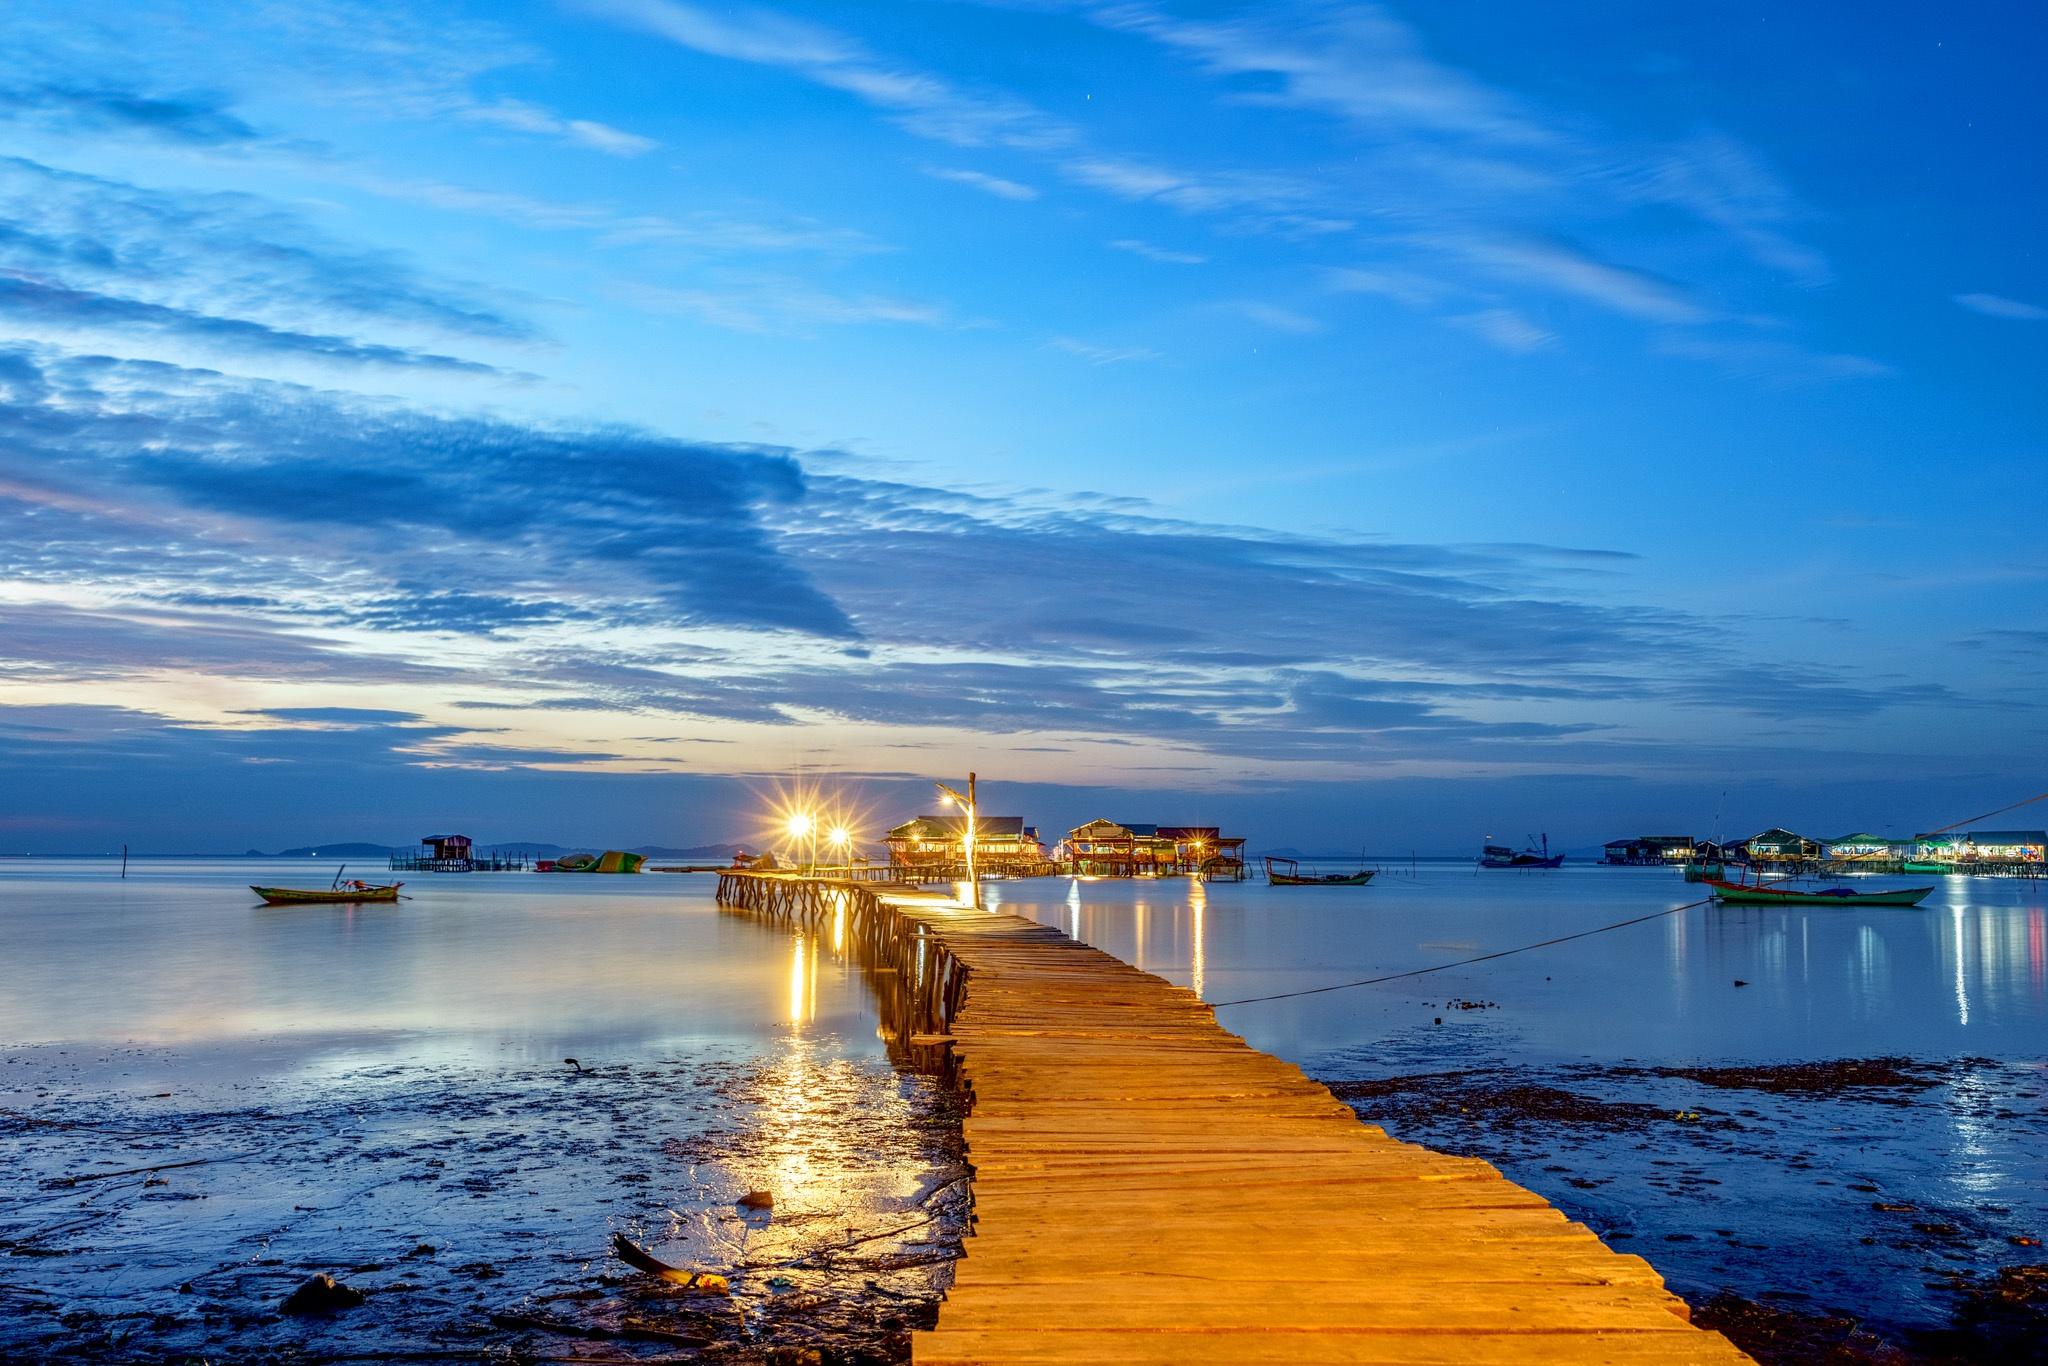 Chu du biển đảo Phú Quốc, ngắm vẻ đẹp giao hòa của tự nhiên - Ảnh 12.